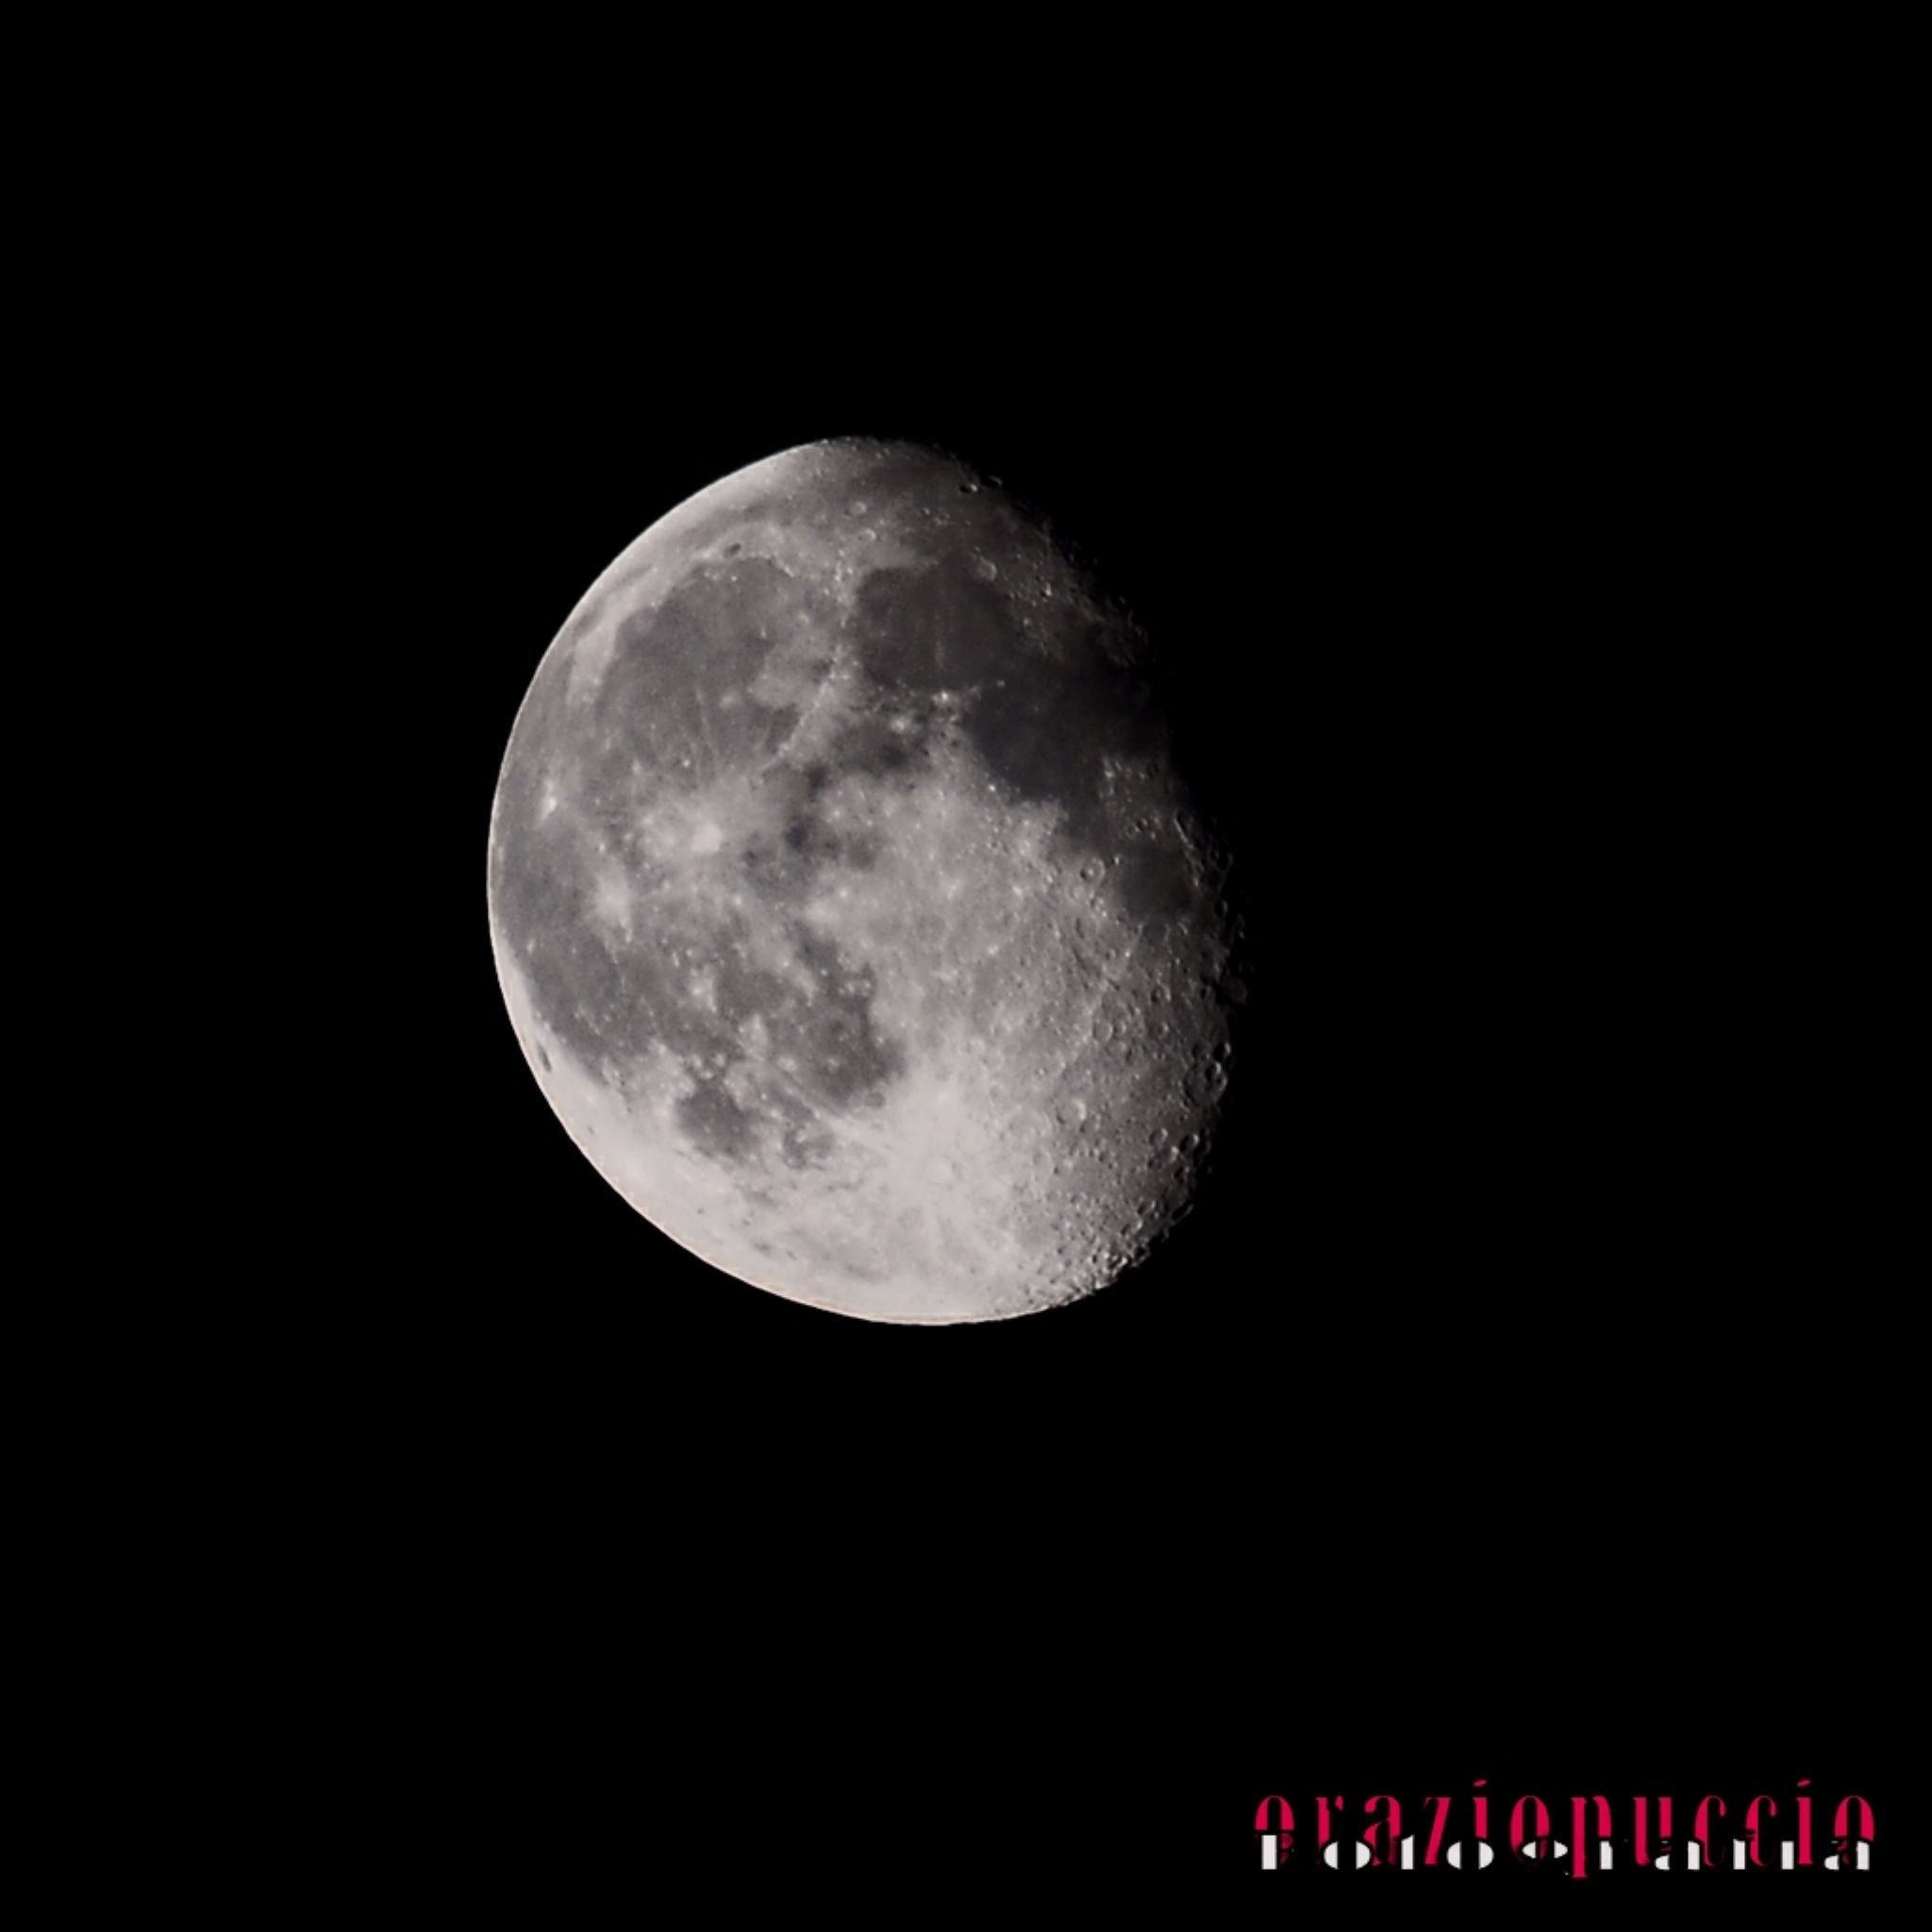 moon by oraziopuccio